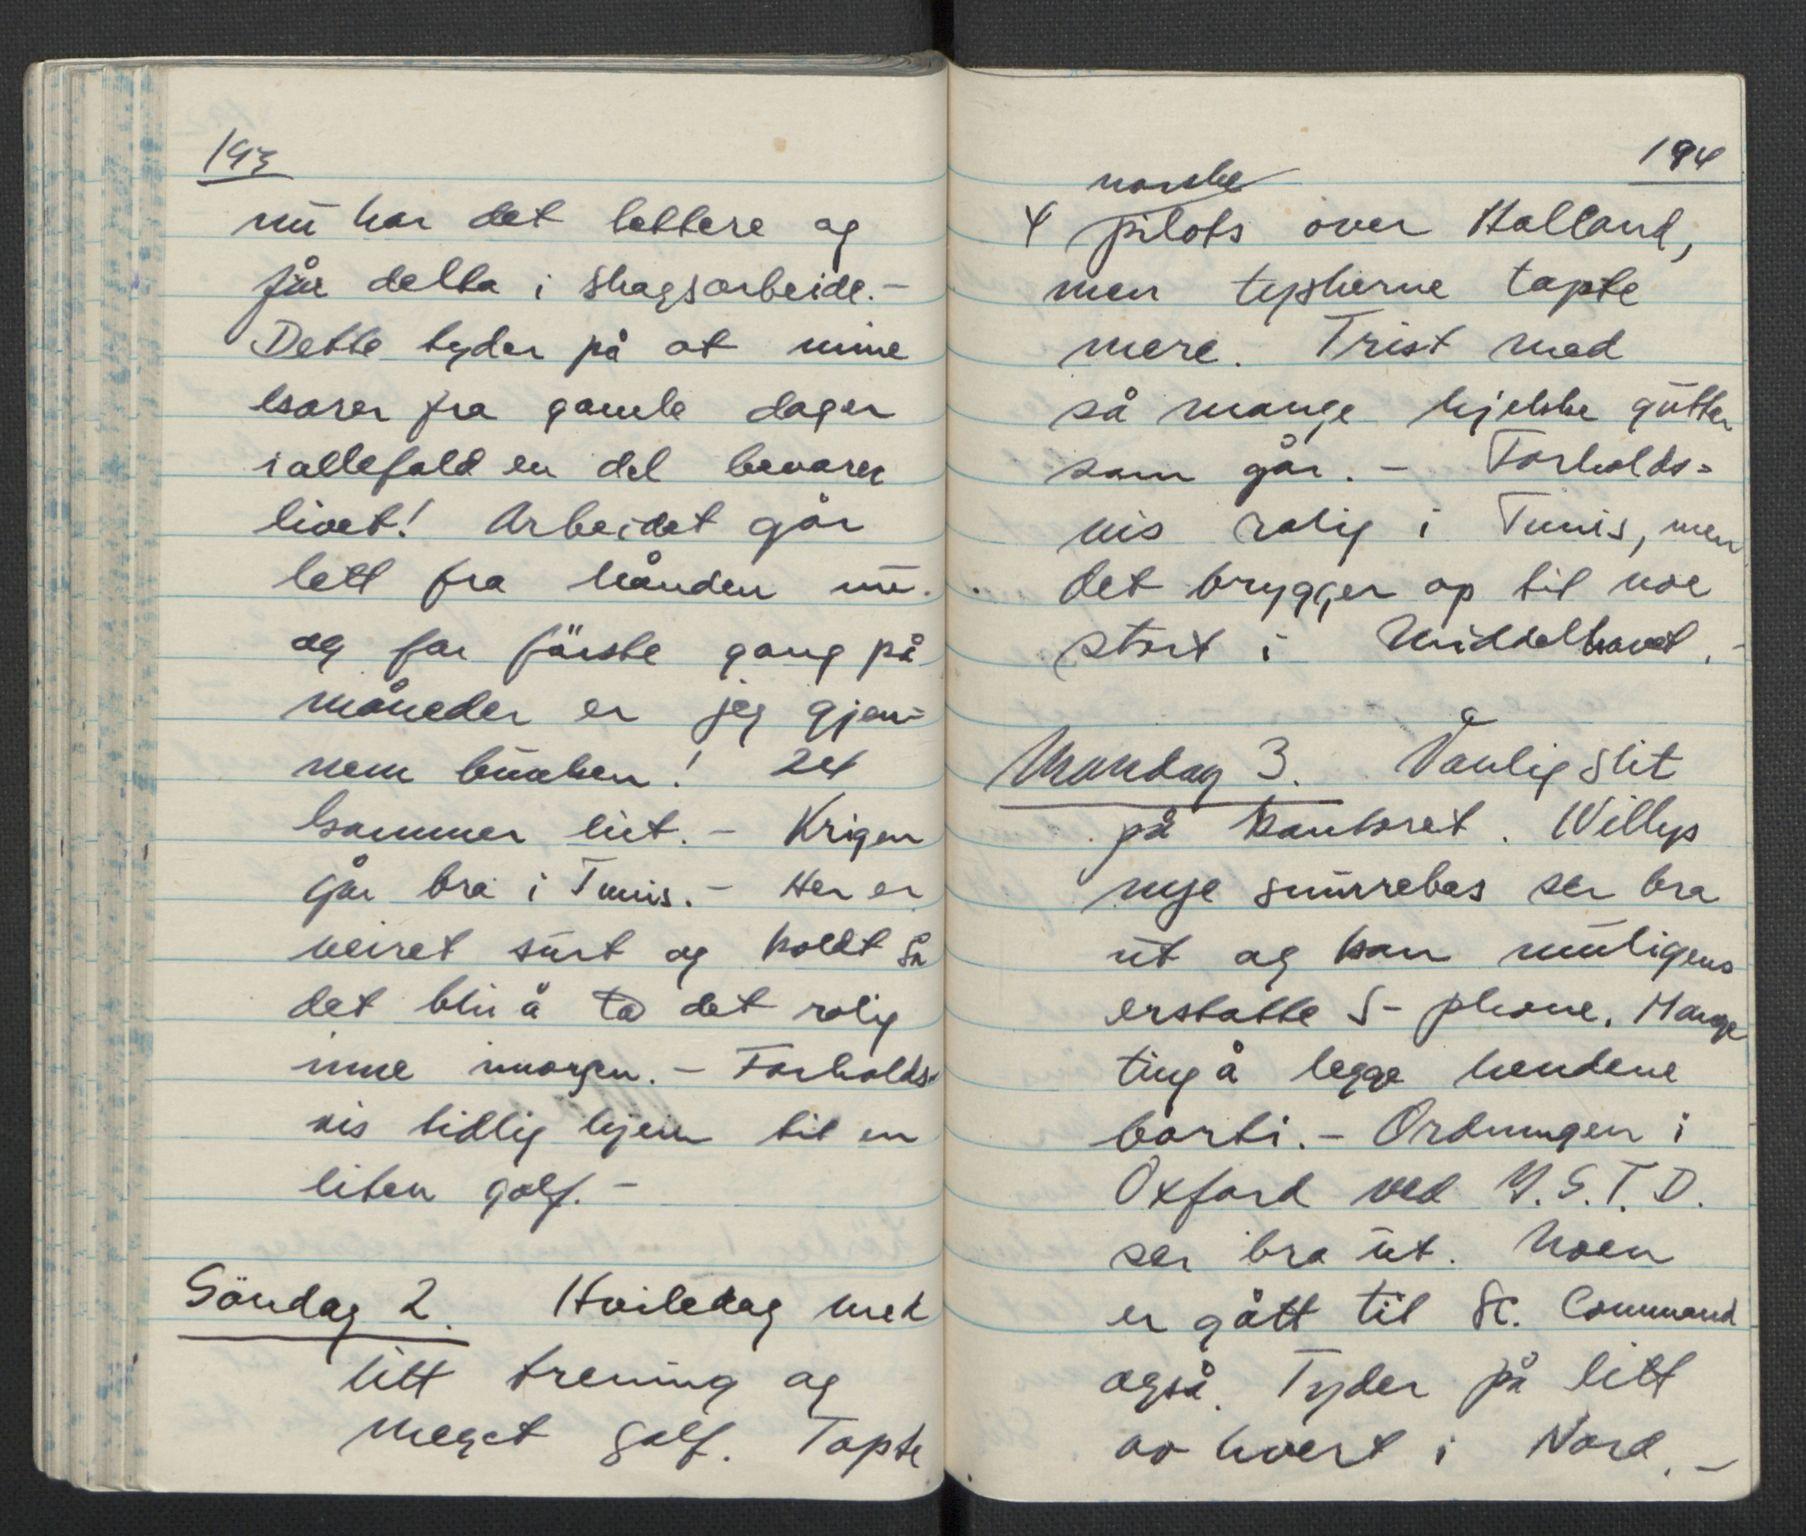 RA, Tronstad, Leif, F/L0001: Dagbøker, 1941-1945, p. 449